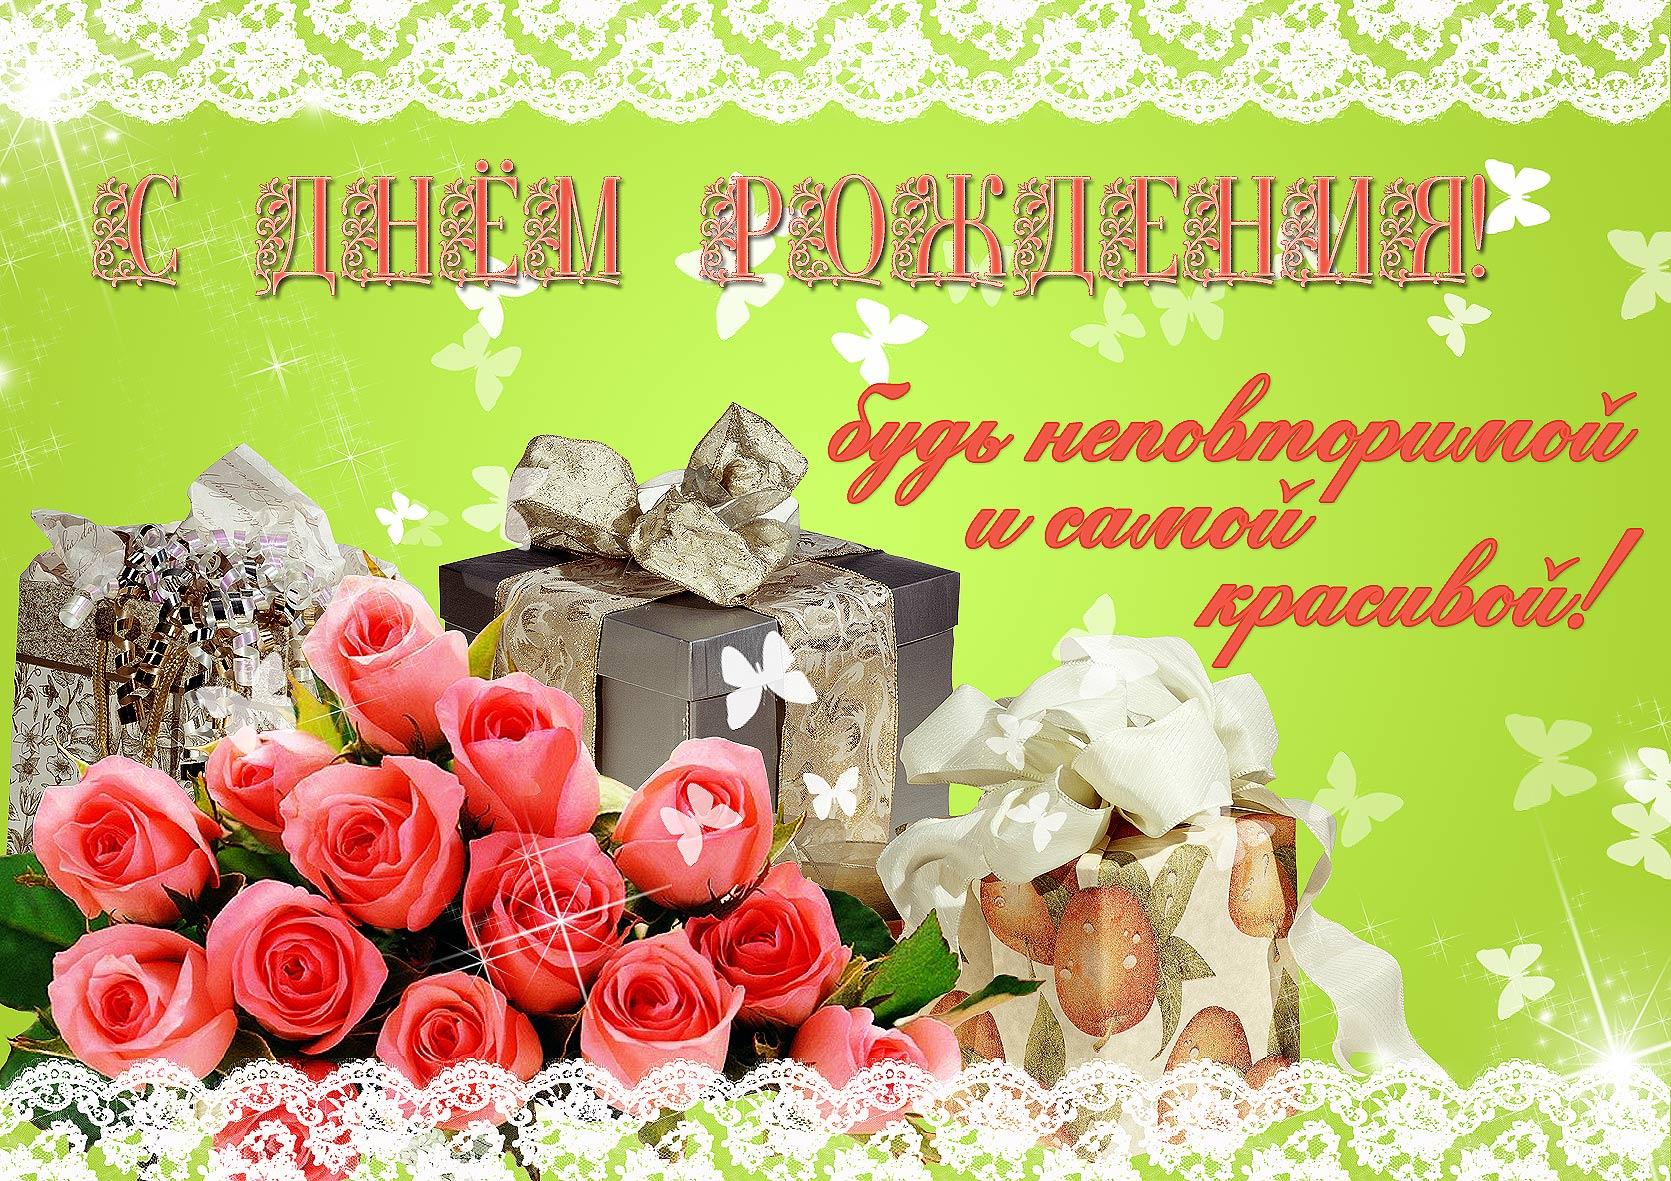 Картинки с днем рождения женщине красивые и прикольные фото с пожеланиями